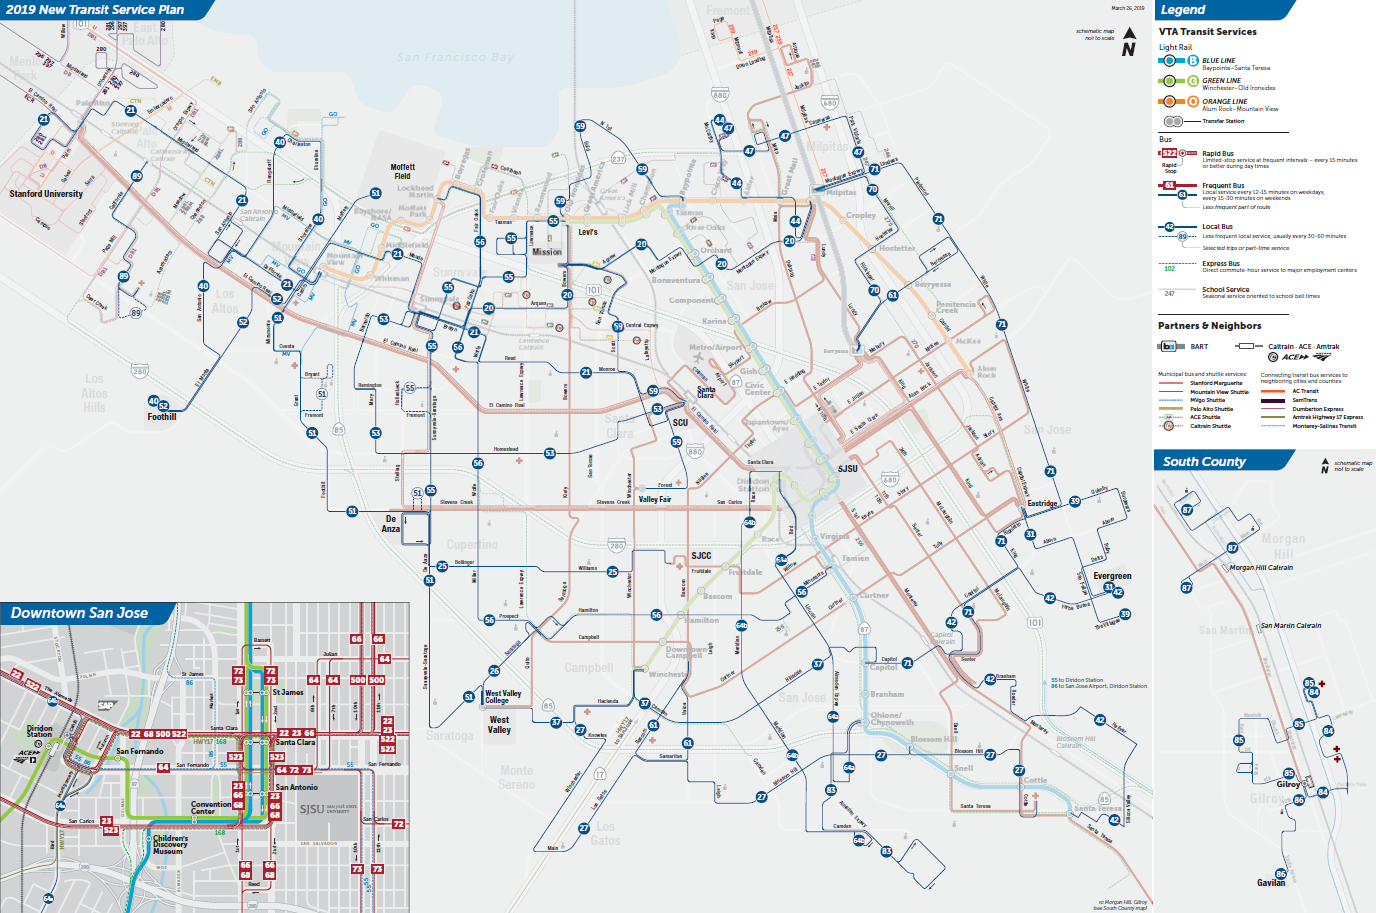 2019公共交通服務新計畫最終版本地方路線地圖  (PDF)